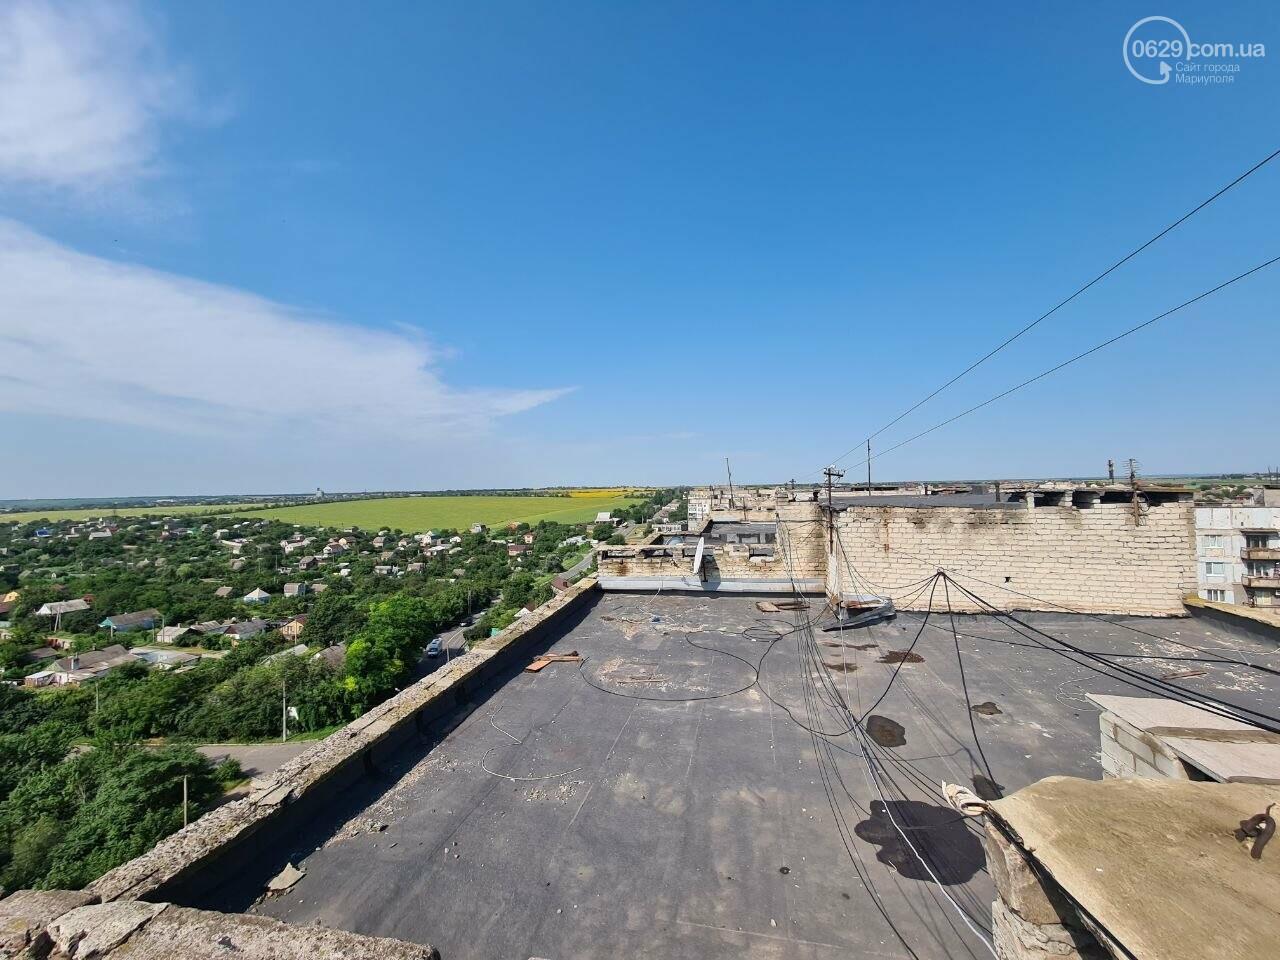 Эхо непогоды! В Мариуполе внепланово ремонтируют пострадавшую от ливня многоэтажку, - ФОТО, фото-11